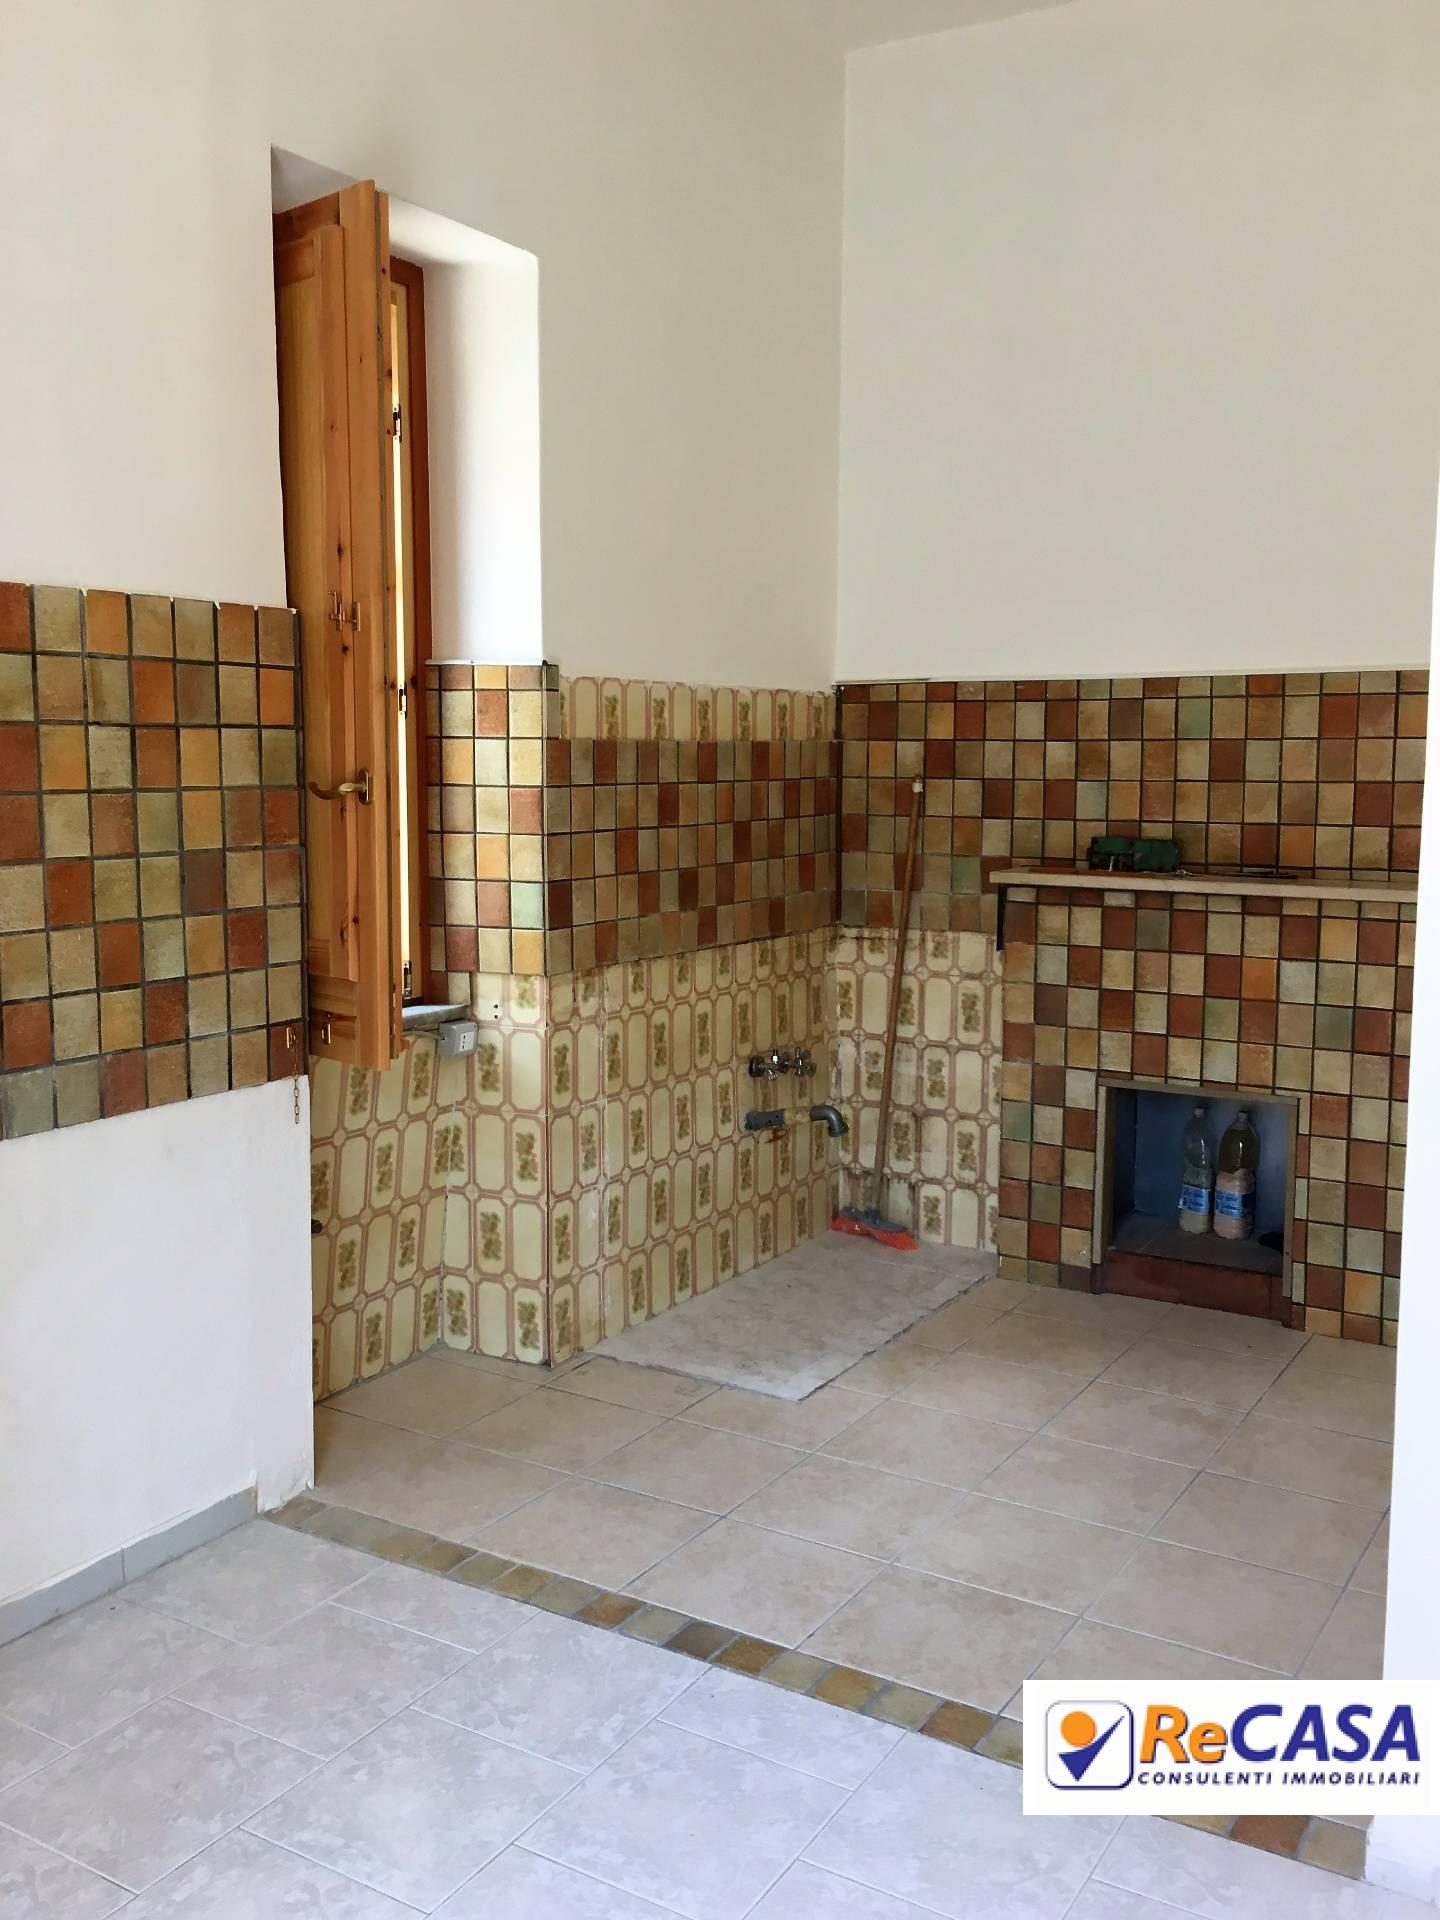 Appartamento in affitto a Montecorvino Rovella, 3 locali, zona Località: Centro, prezzo € 300 | Cambio Casa.it